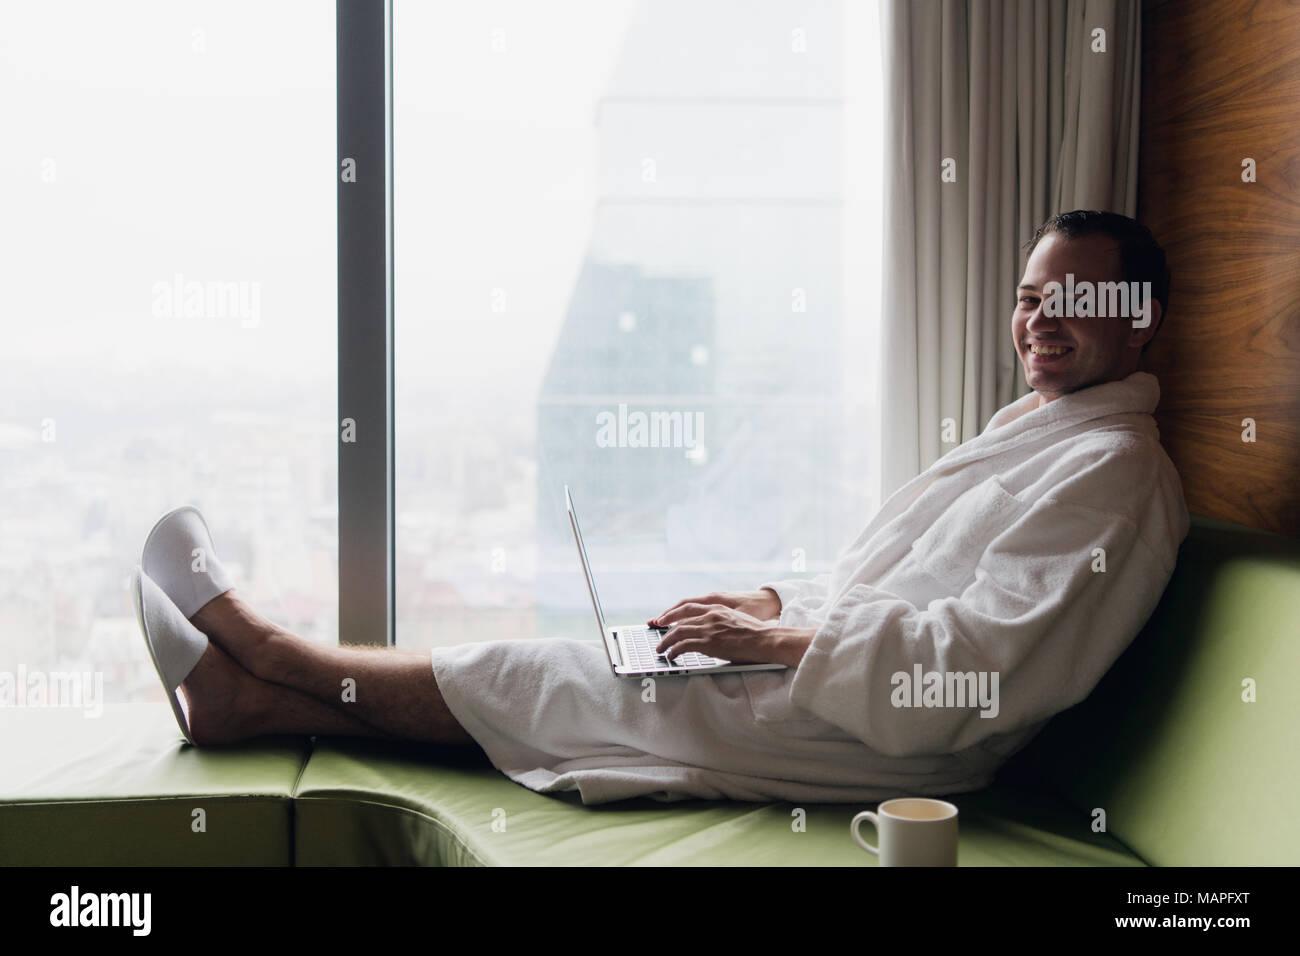 Giovane imprenditore sorridente lavorando sul computer portatile bianco da indossare accappatoio seduta vicino la finestra con tazza di caffè guardando sunrise vista città. Concetto di motivazione Immagini Stock